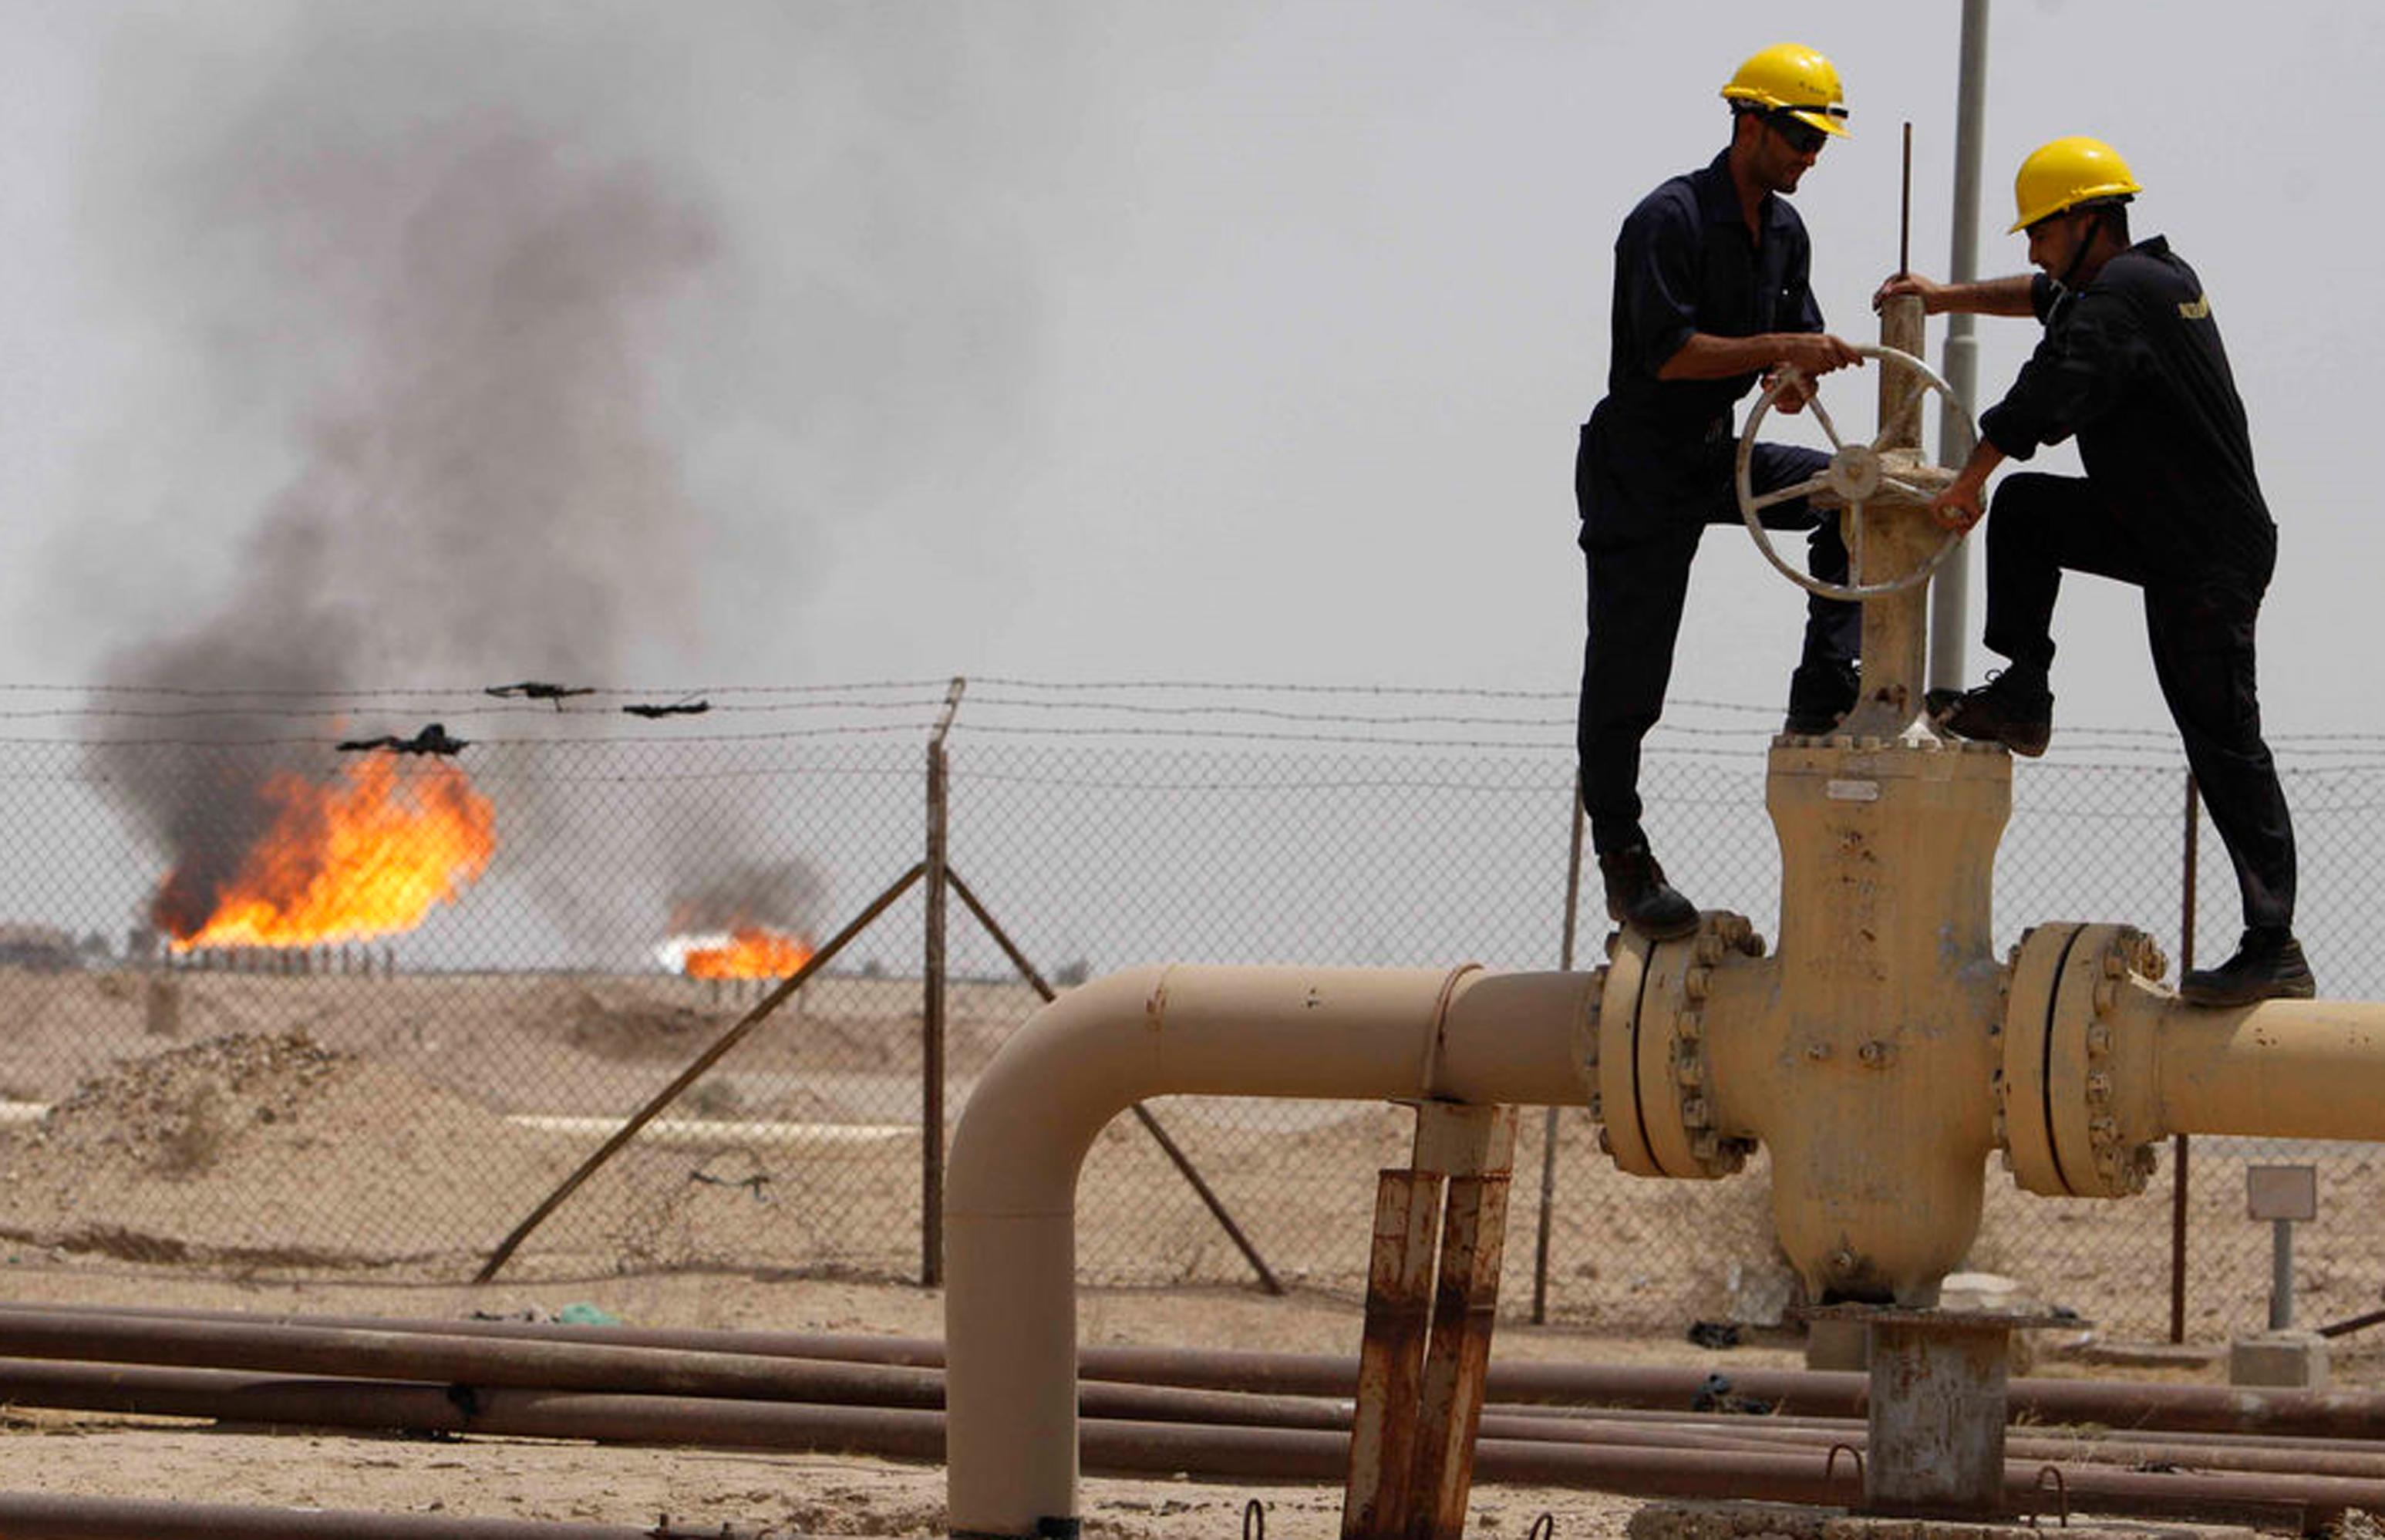 الكويت تعتزم إنفاق 112 مليار دولار على مشاريع نفطية